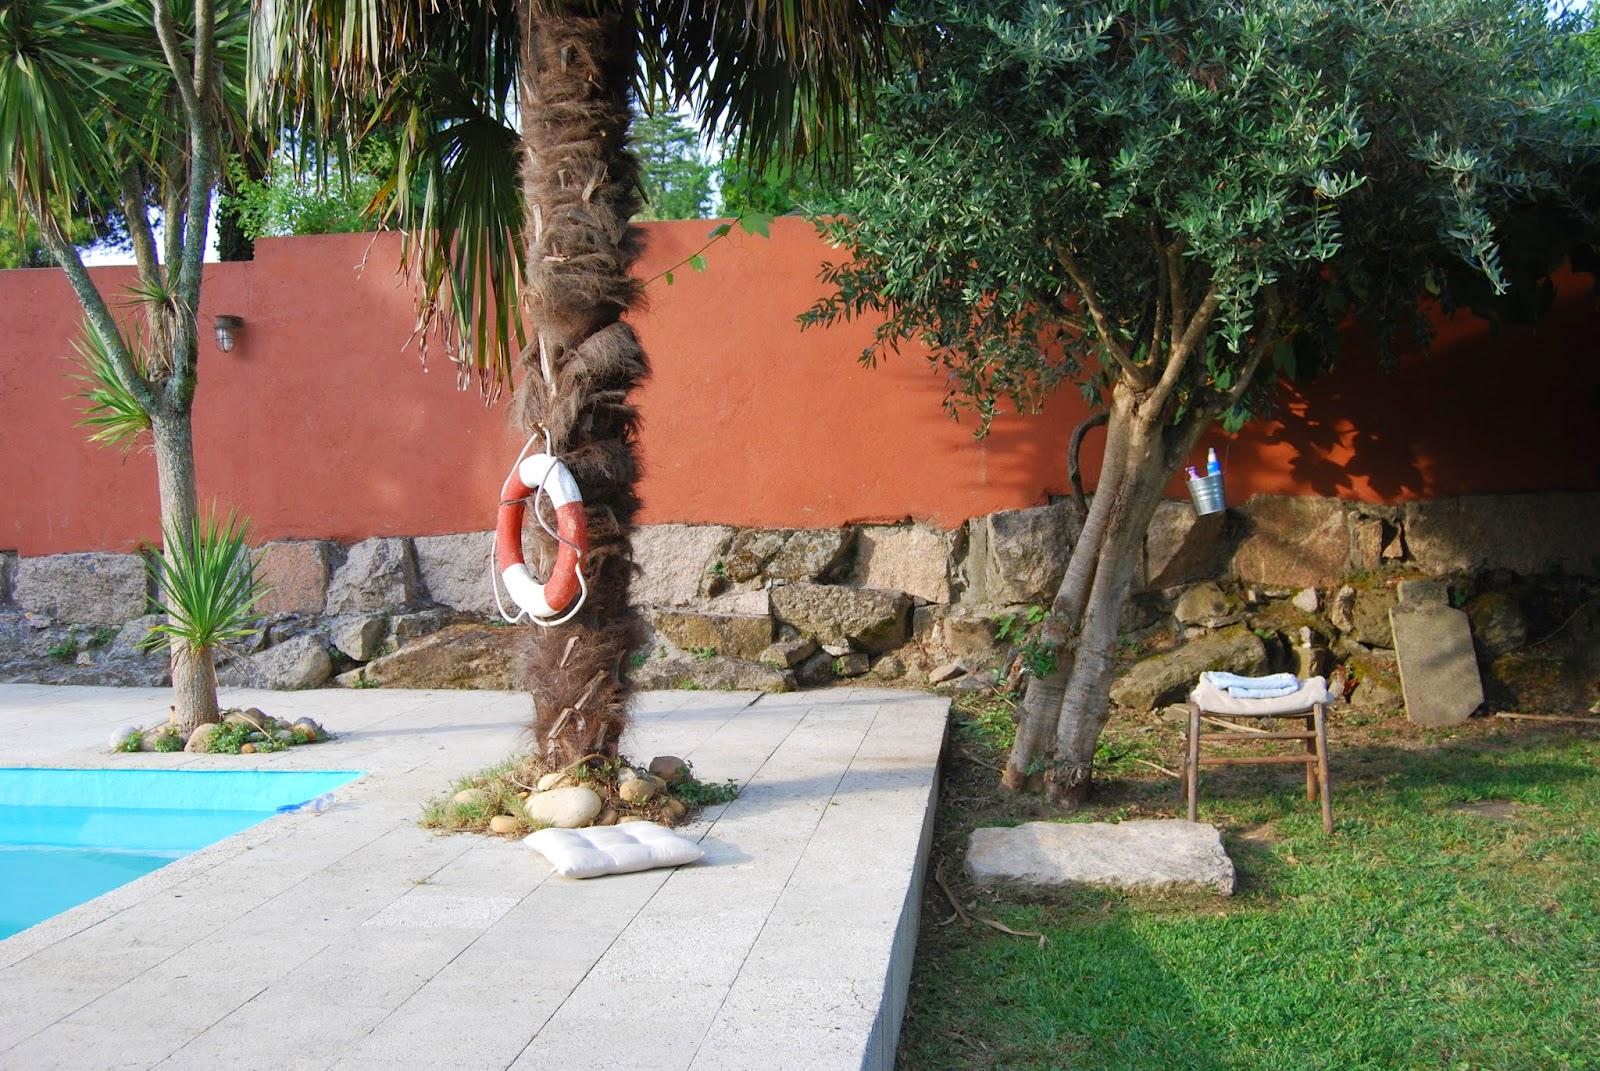 http://sosunnyblog.blogspot.com.es/2014/06/la-ducha-bajo-el-olivo-o-como-esconder.html